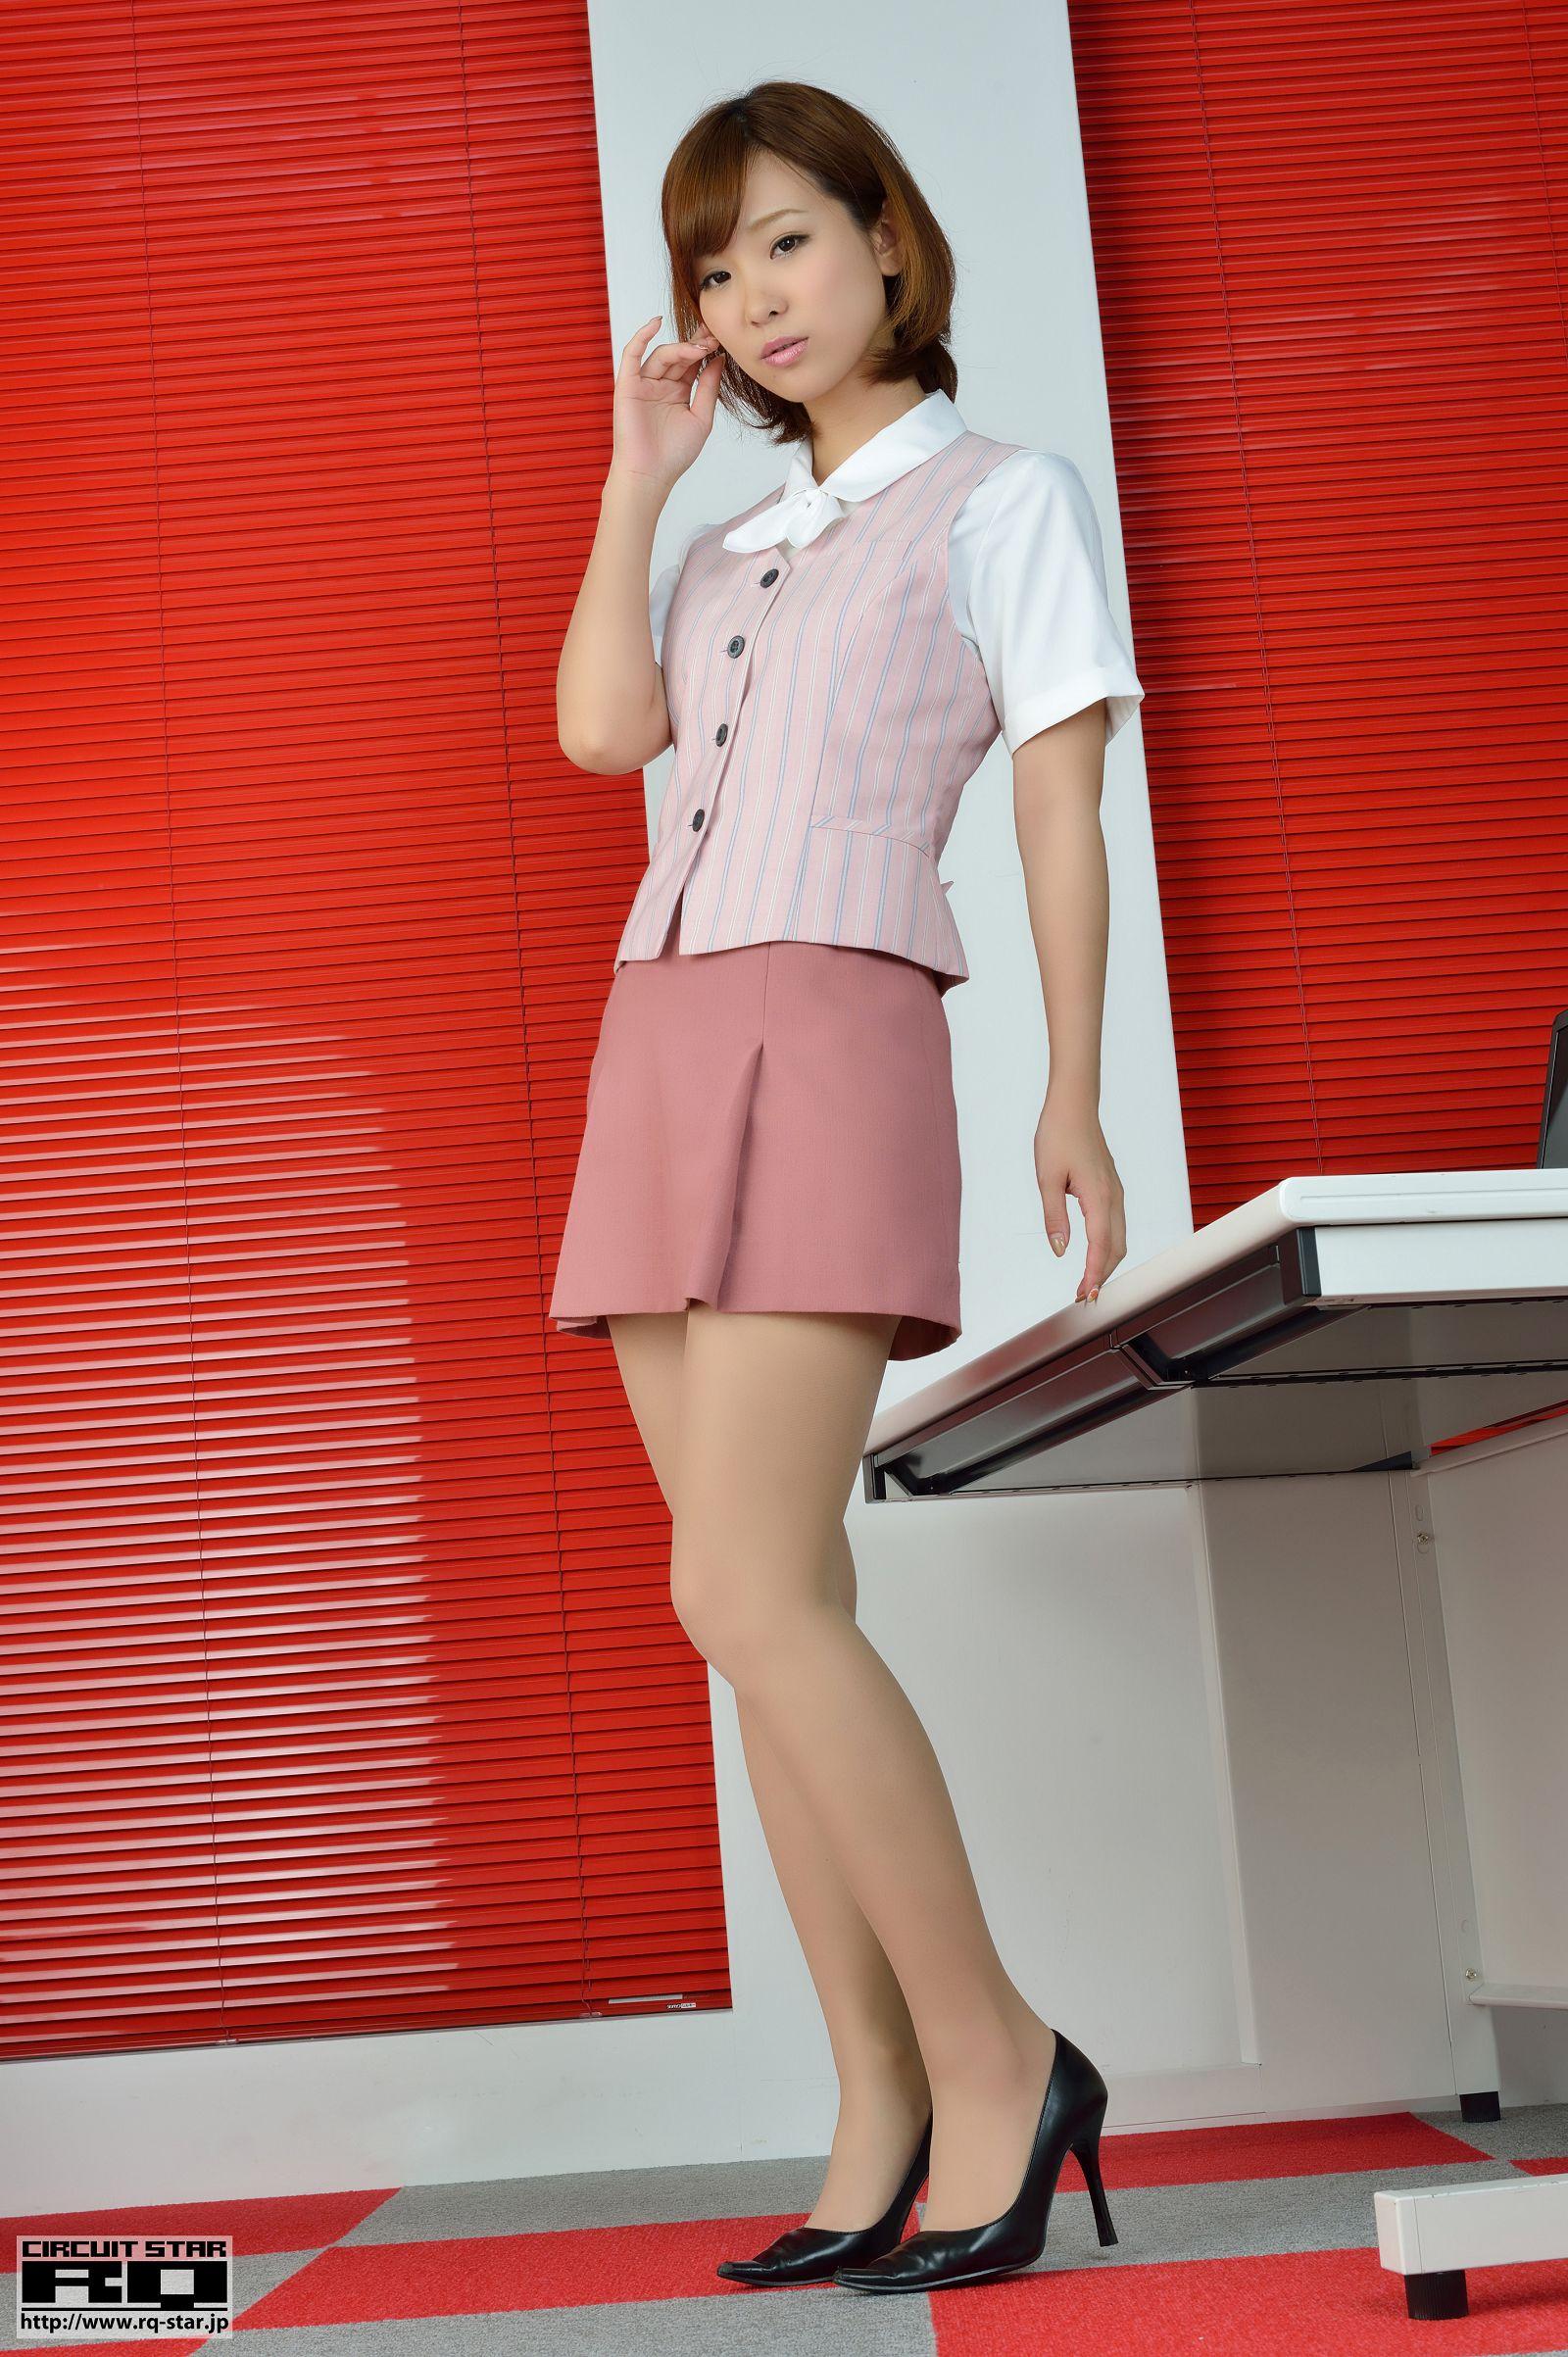 [RQ STAR美女] NO.01017 Ichika Nishimura 西村いちか Office Lady[84P] RQ STAR 第1张